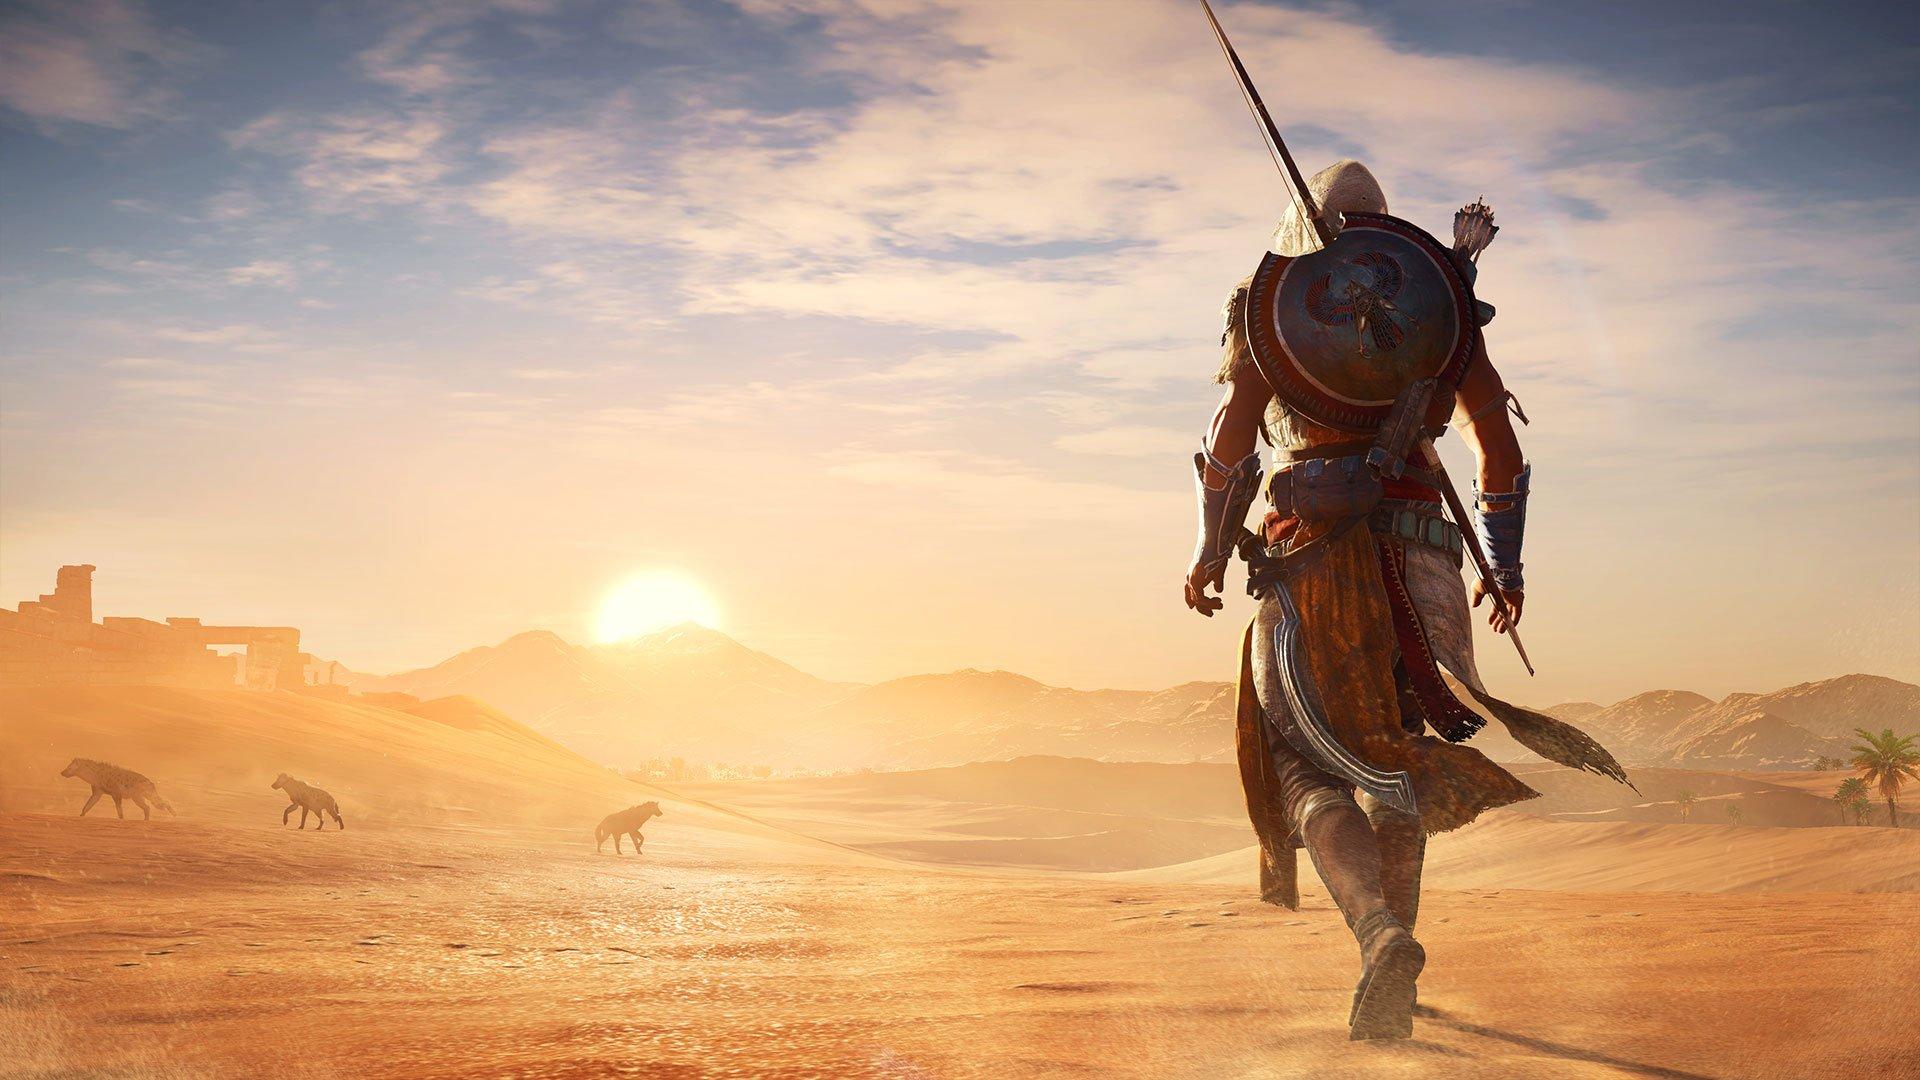 Sta per partire l'Assassin's Creed Tour